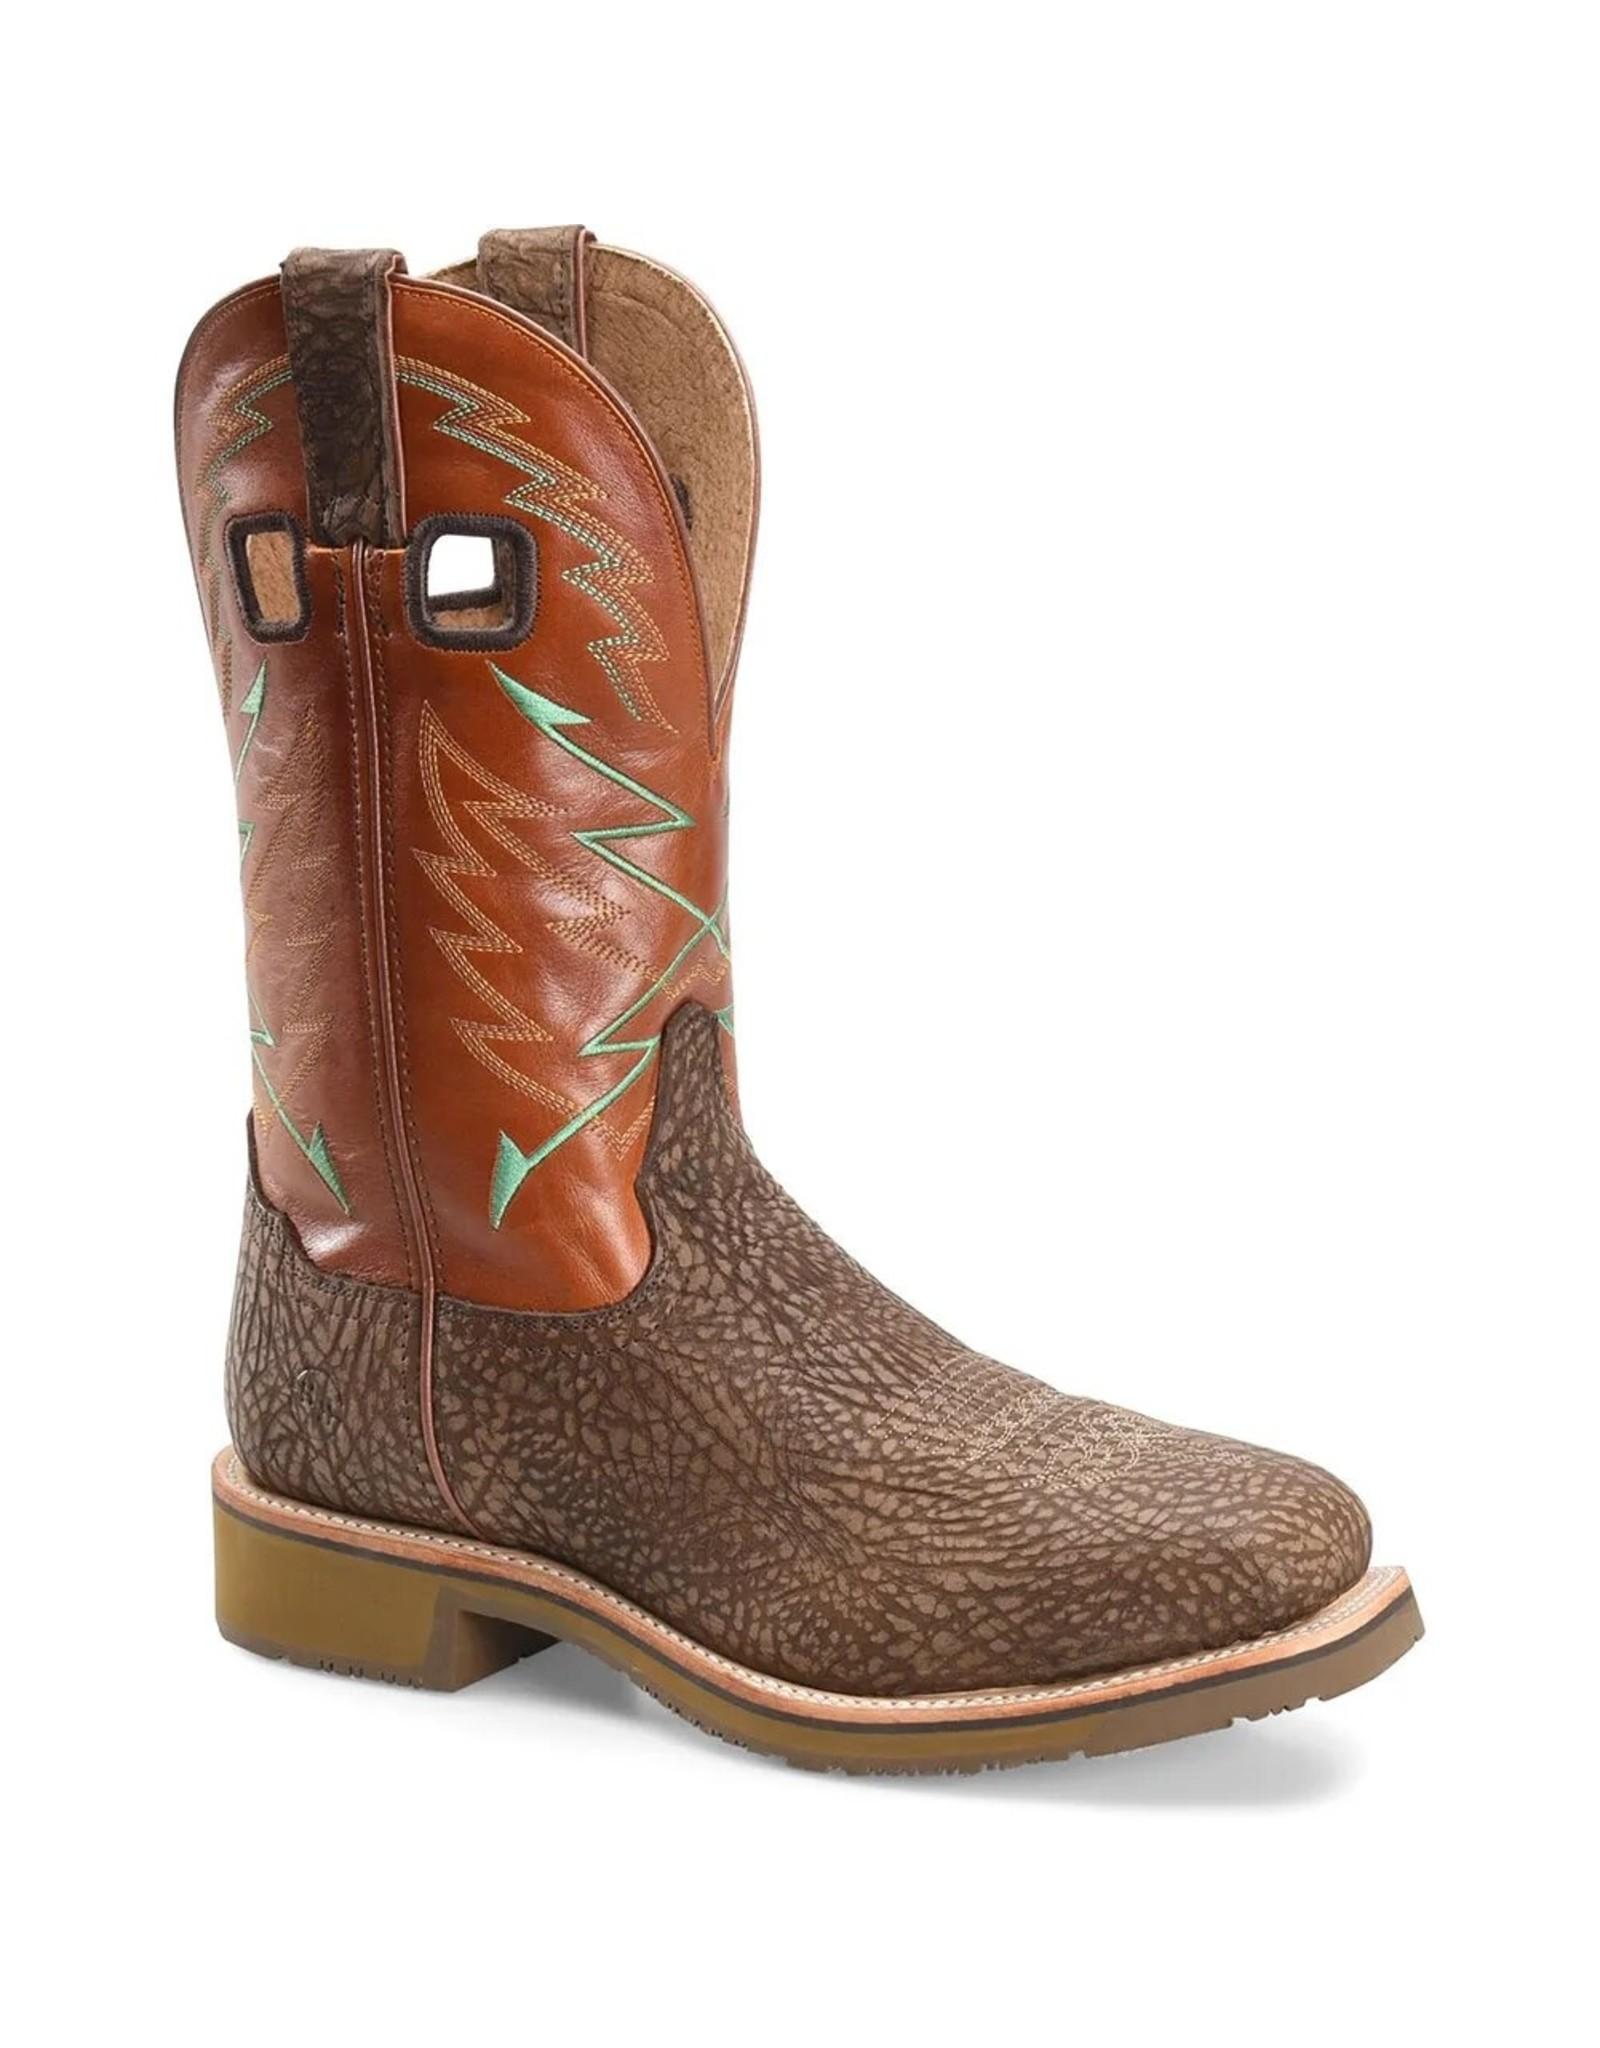 Boots-Men DOUBLE H Odgar Steel Toe